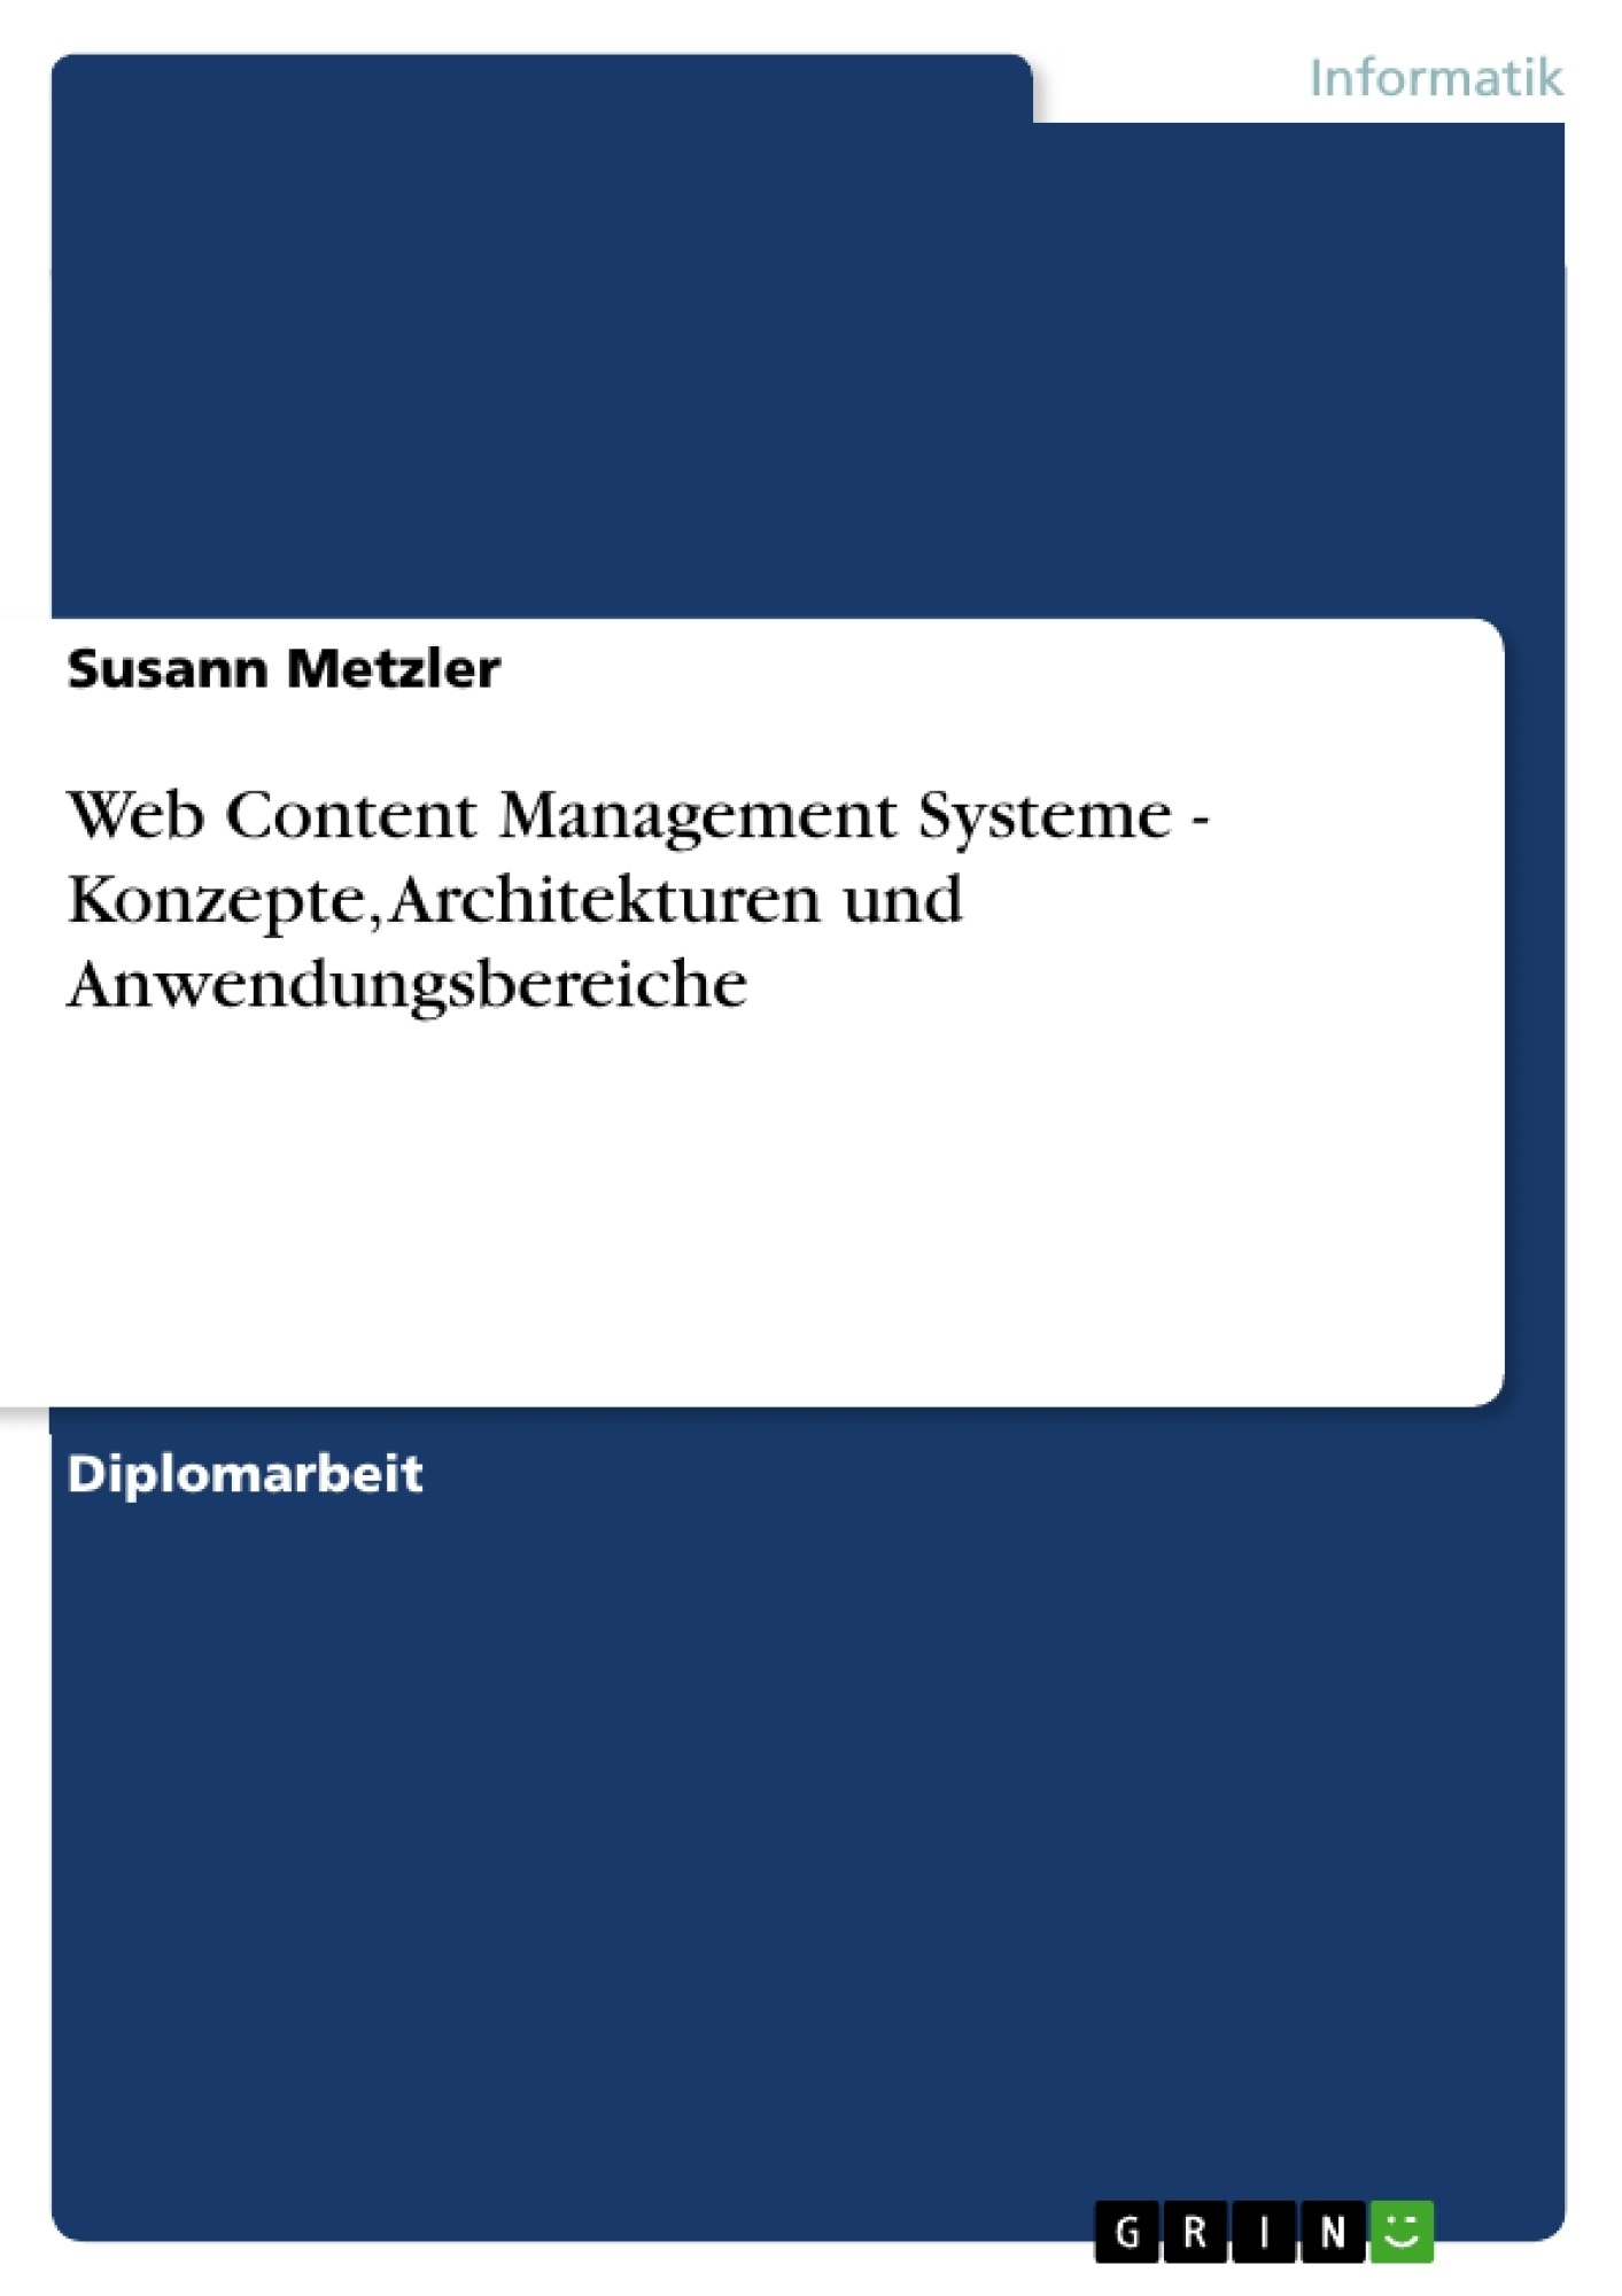 Titel: Web Content Management Systeme - Konzepte, Architekturen und Anwendungsbereiche